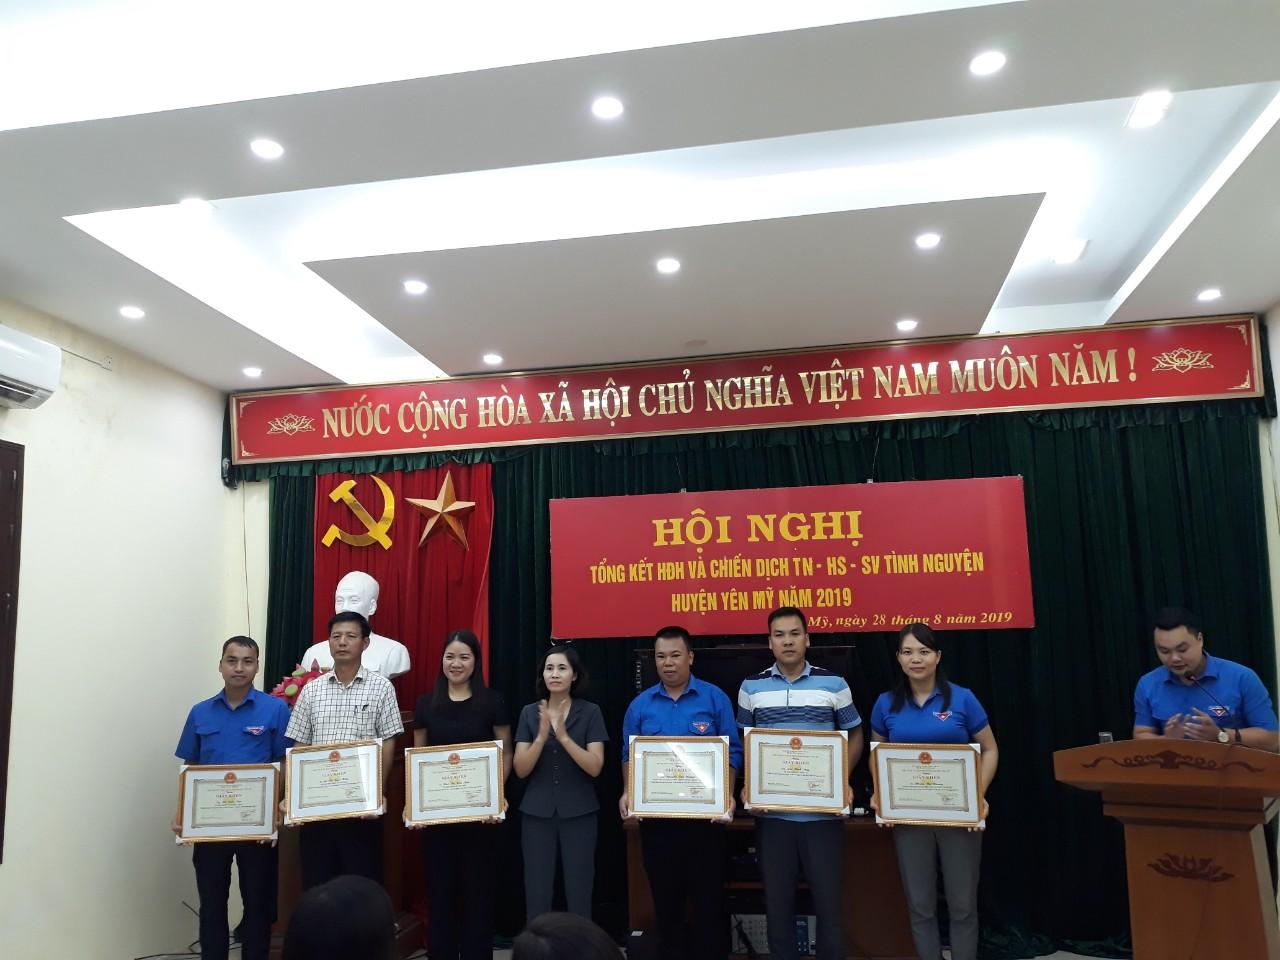 Huyện Yên Mỹ: Hội nghị tổng kết Hoạt động hè và chiến dịch TN - HS - SV tình nguyện năm 2019